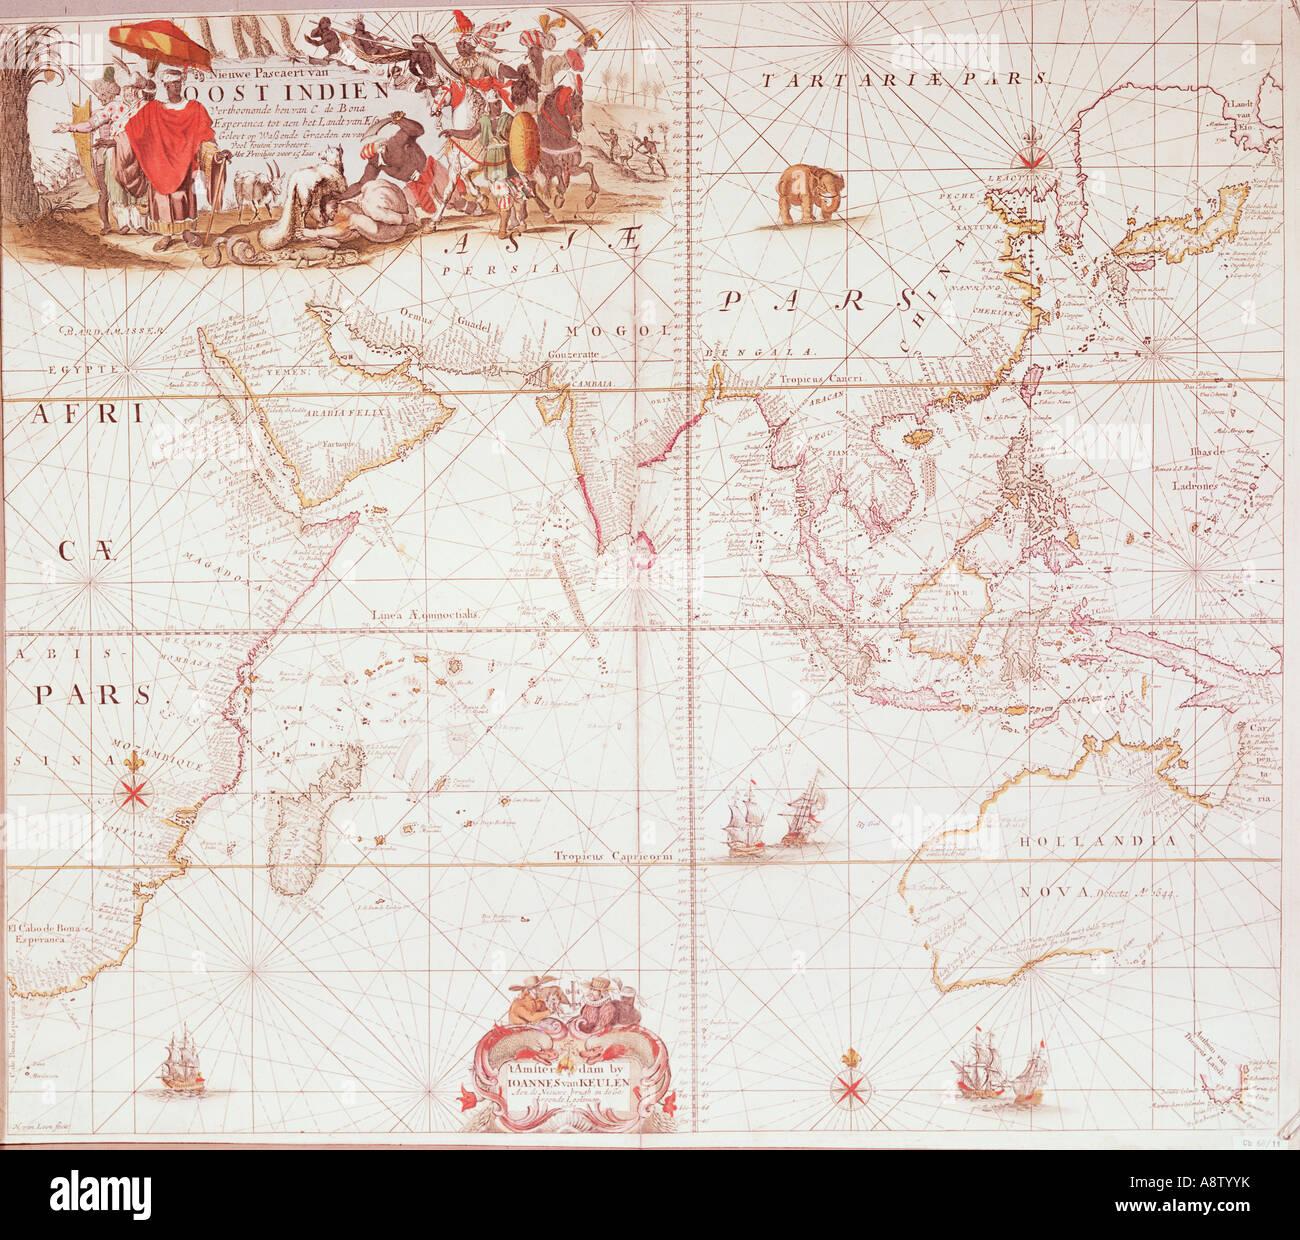 Historische Karte der neuen Welt. Ostindien. Stockbild